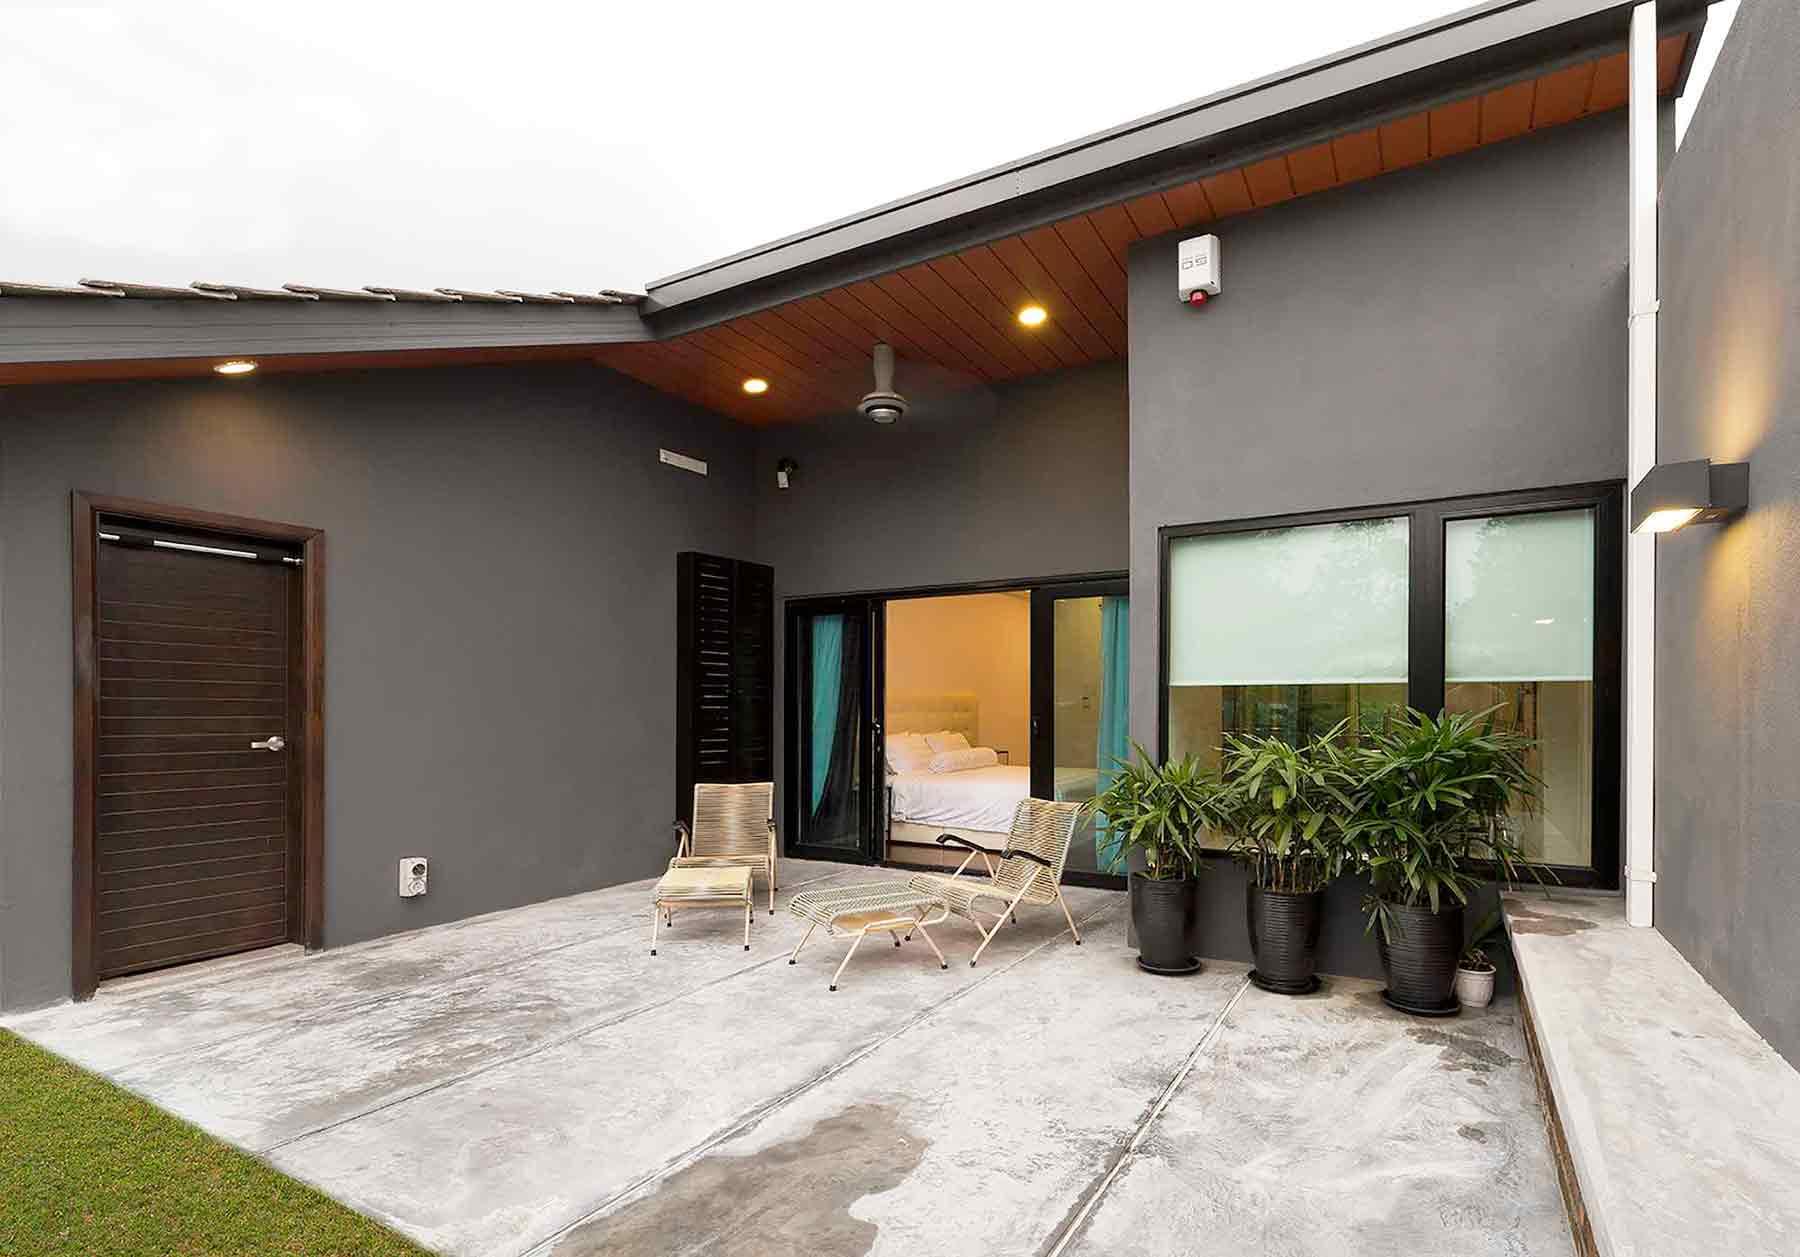 Dominasi material lantai semen ekspos dan warna abu-abu gelap yang super industrial, karya PT Adf, via arsitag.com